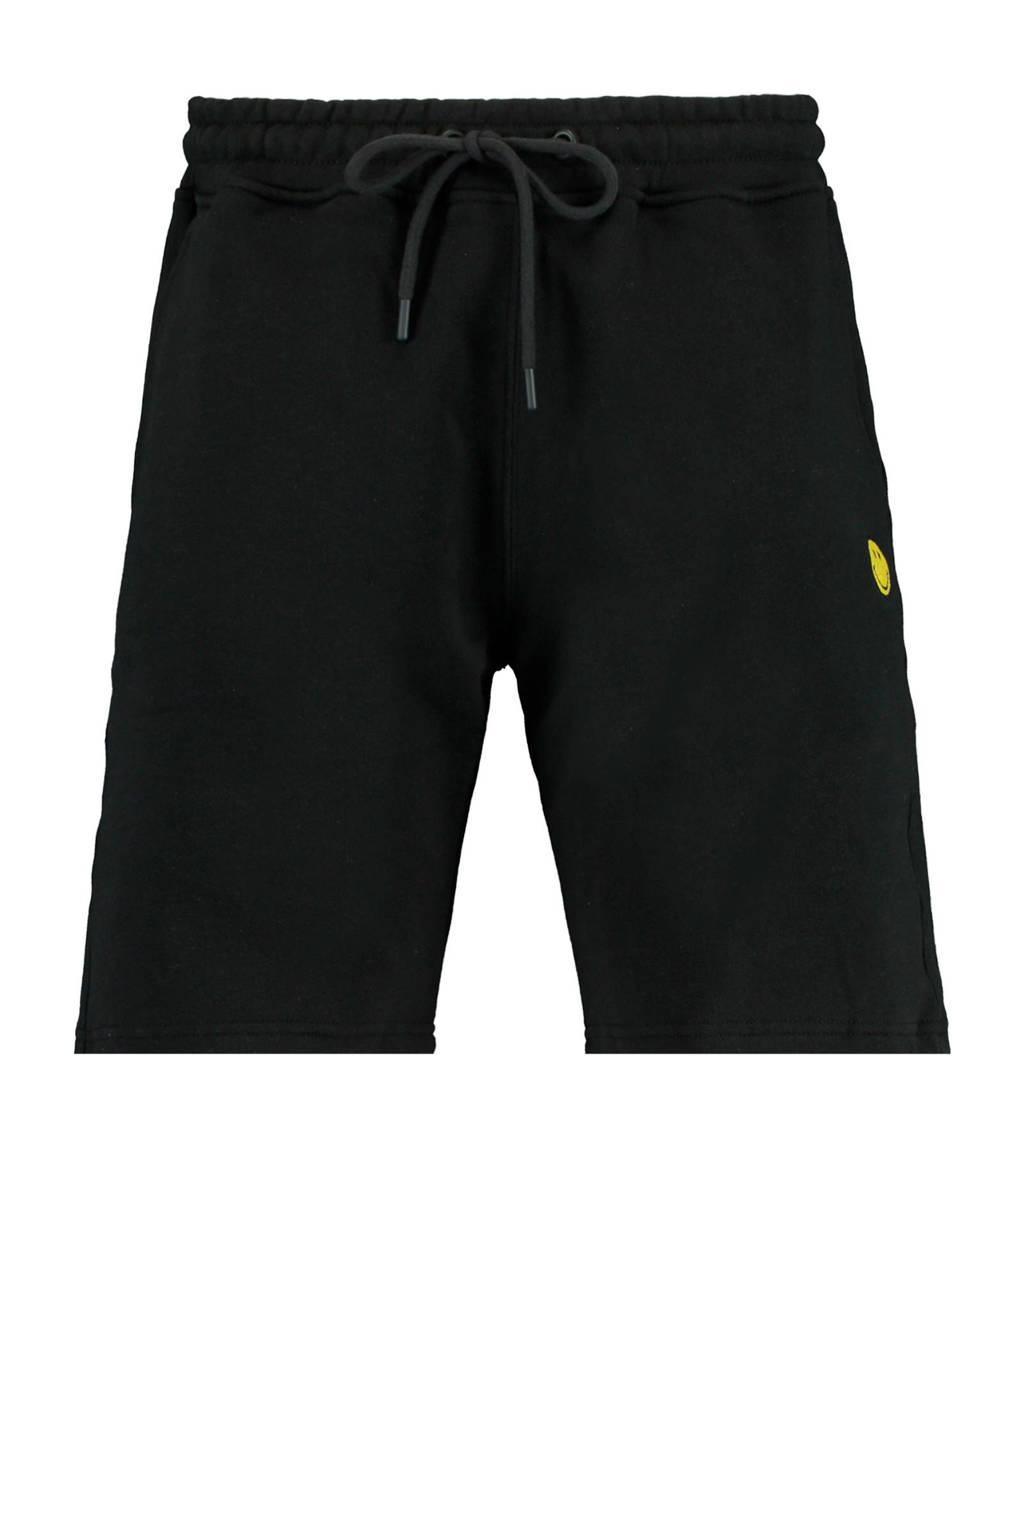 America Today regular fit sweatshort zwart/geel, Zwart/geel